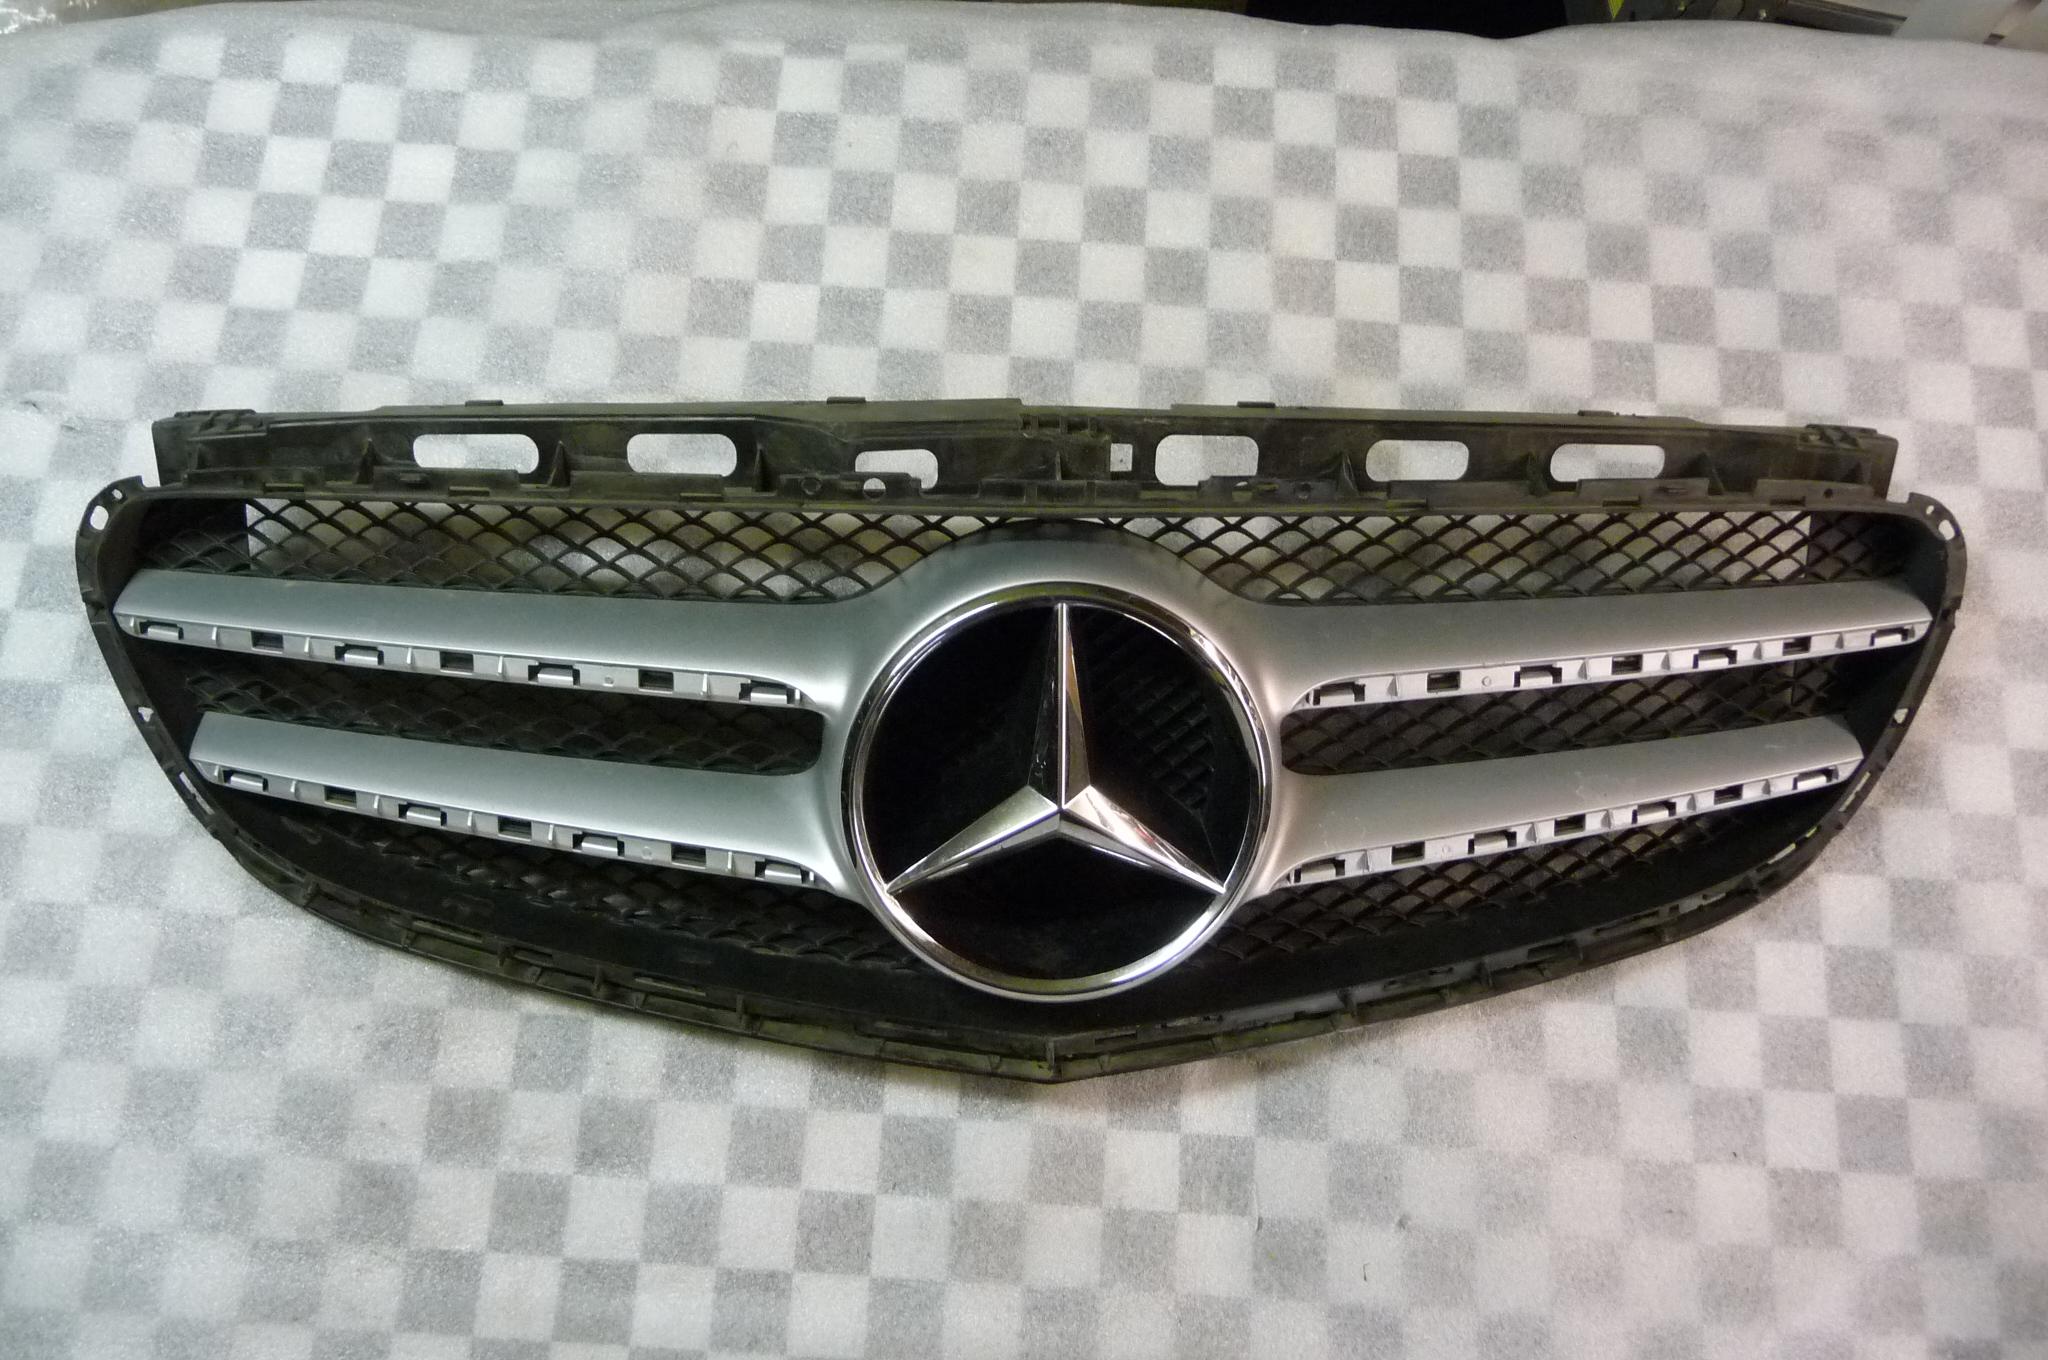 Mercedes Benz W212 E-Class E350 E400 E550 Front Grill Grille 2128850822 OEM OE